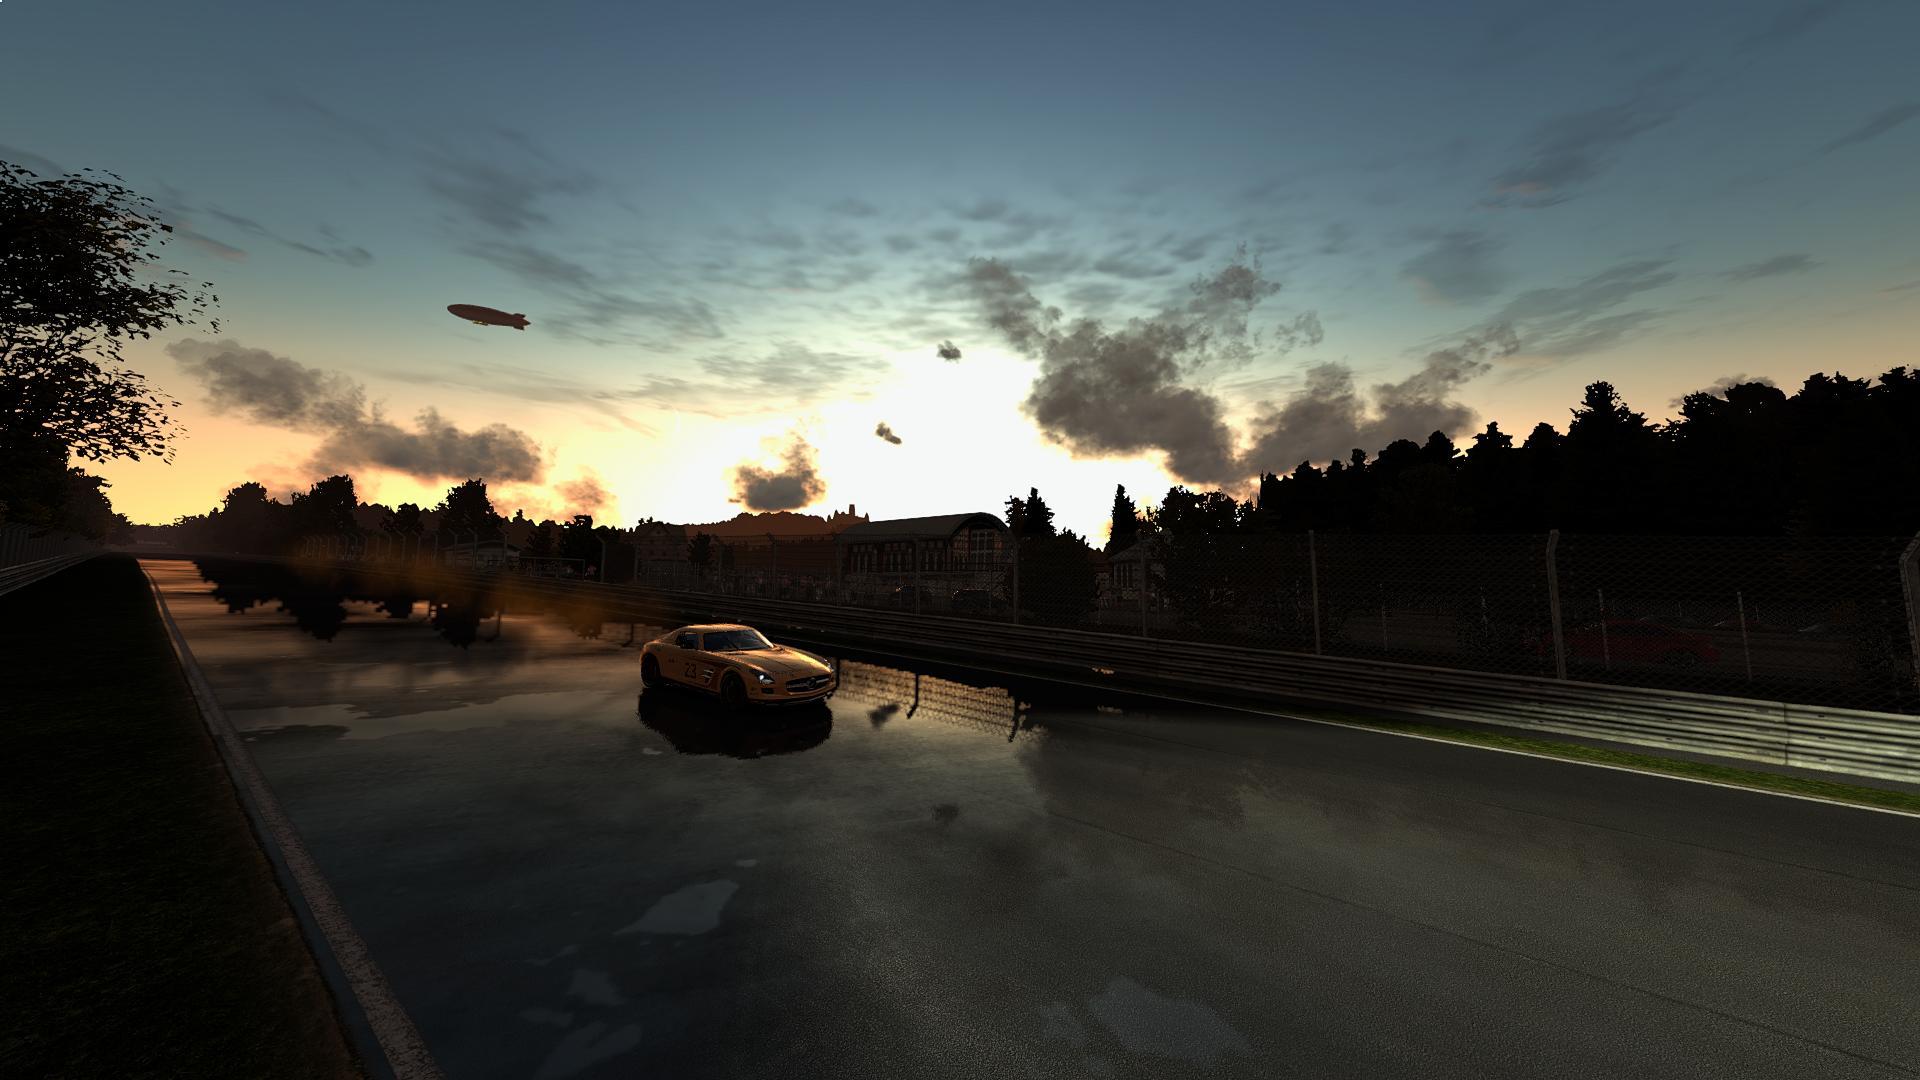 Po týdnu další úchvatné momentky z Project CARS 87297